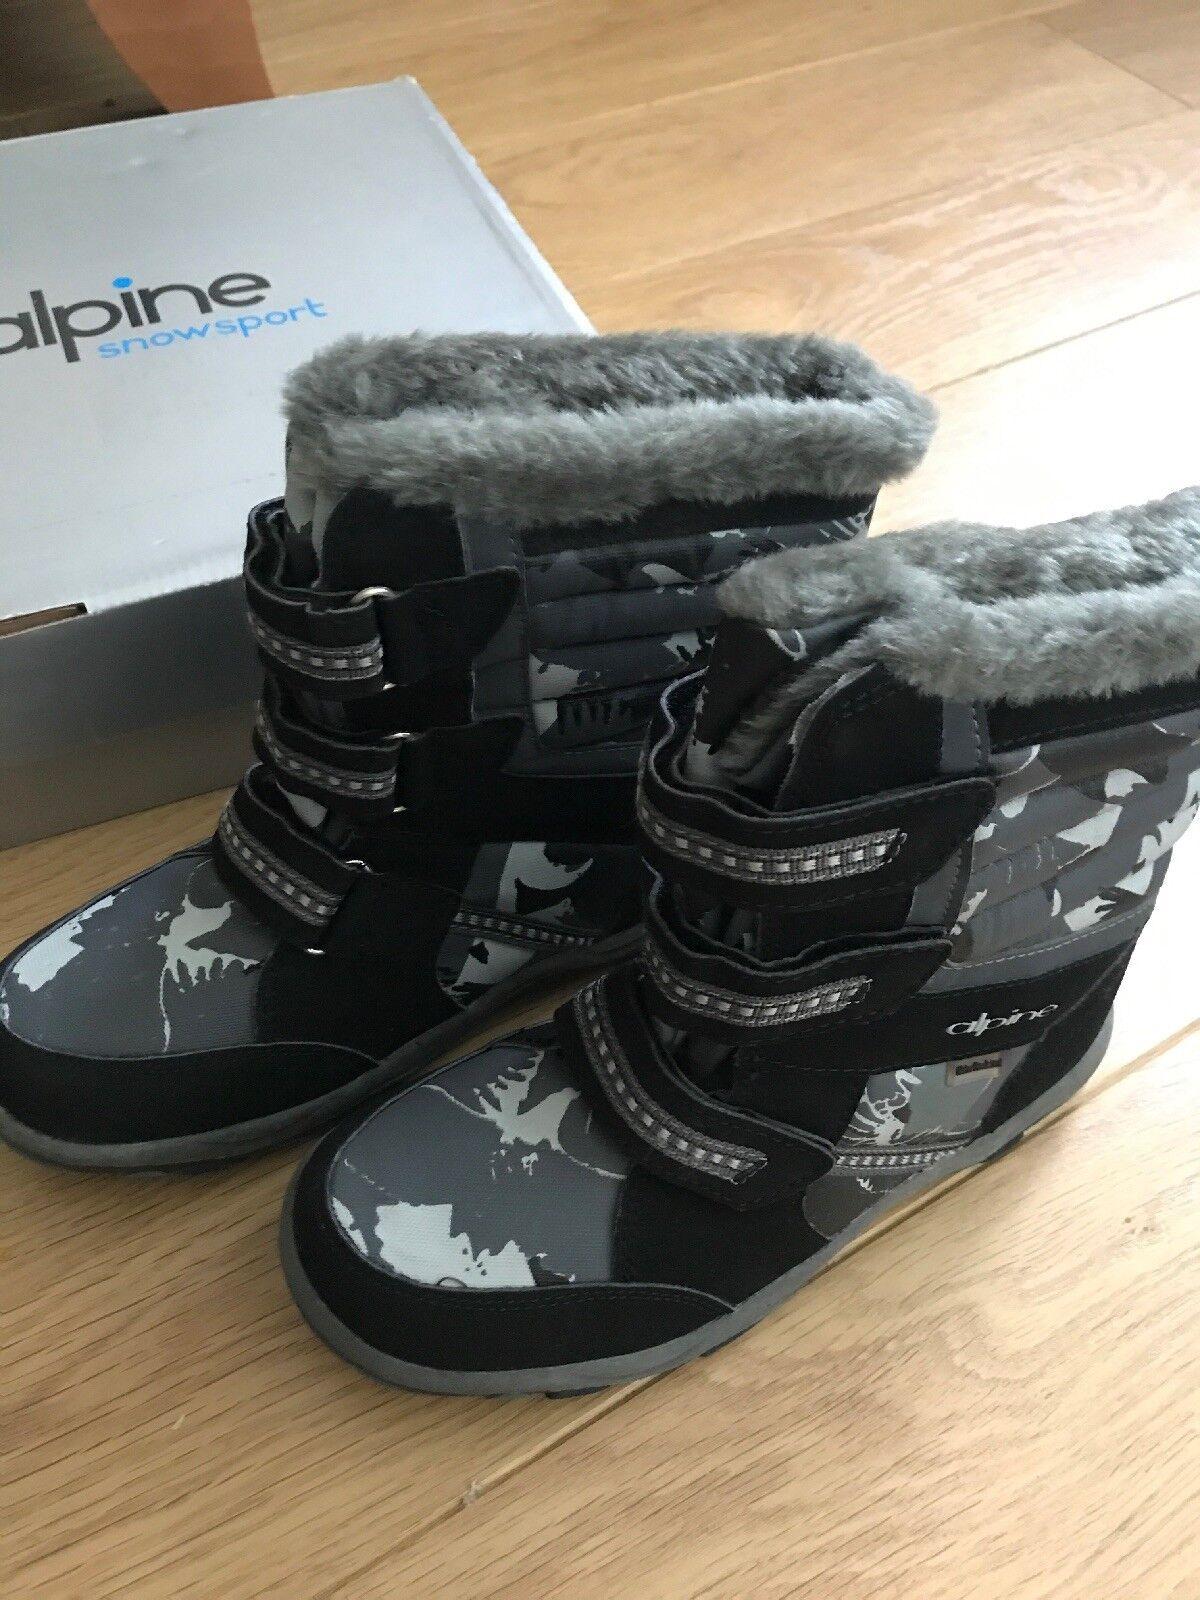 Alpine Snowsport Women's Fur Lined  Snow Boots UK Size 4, Eur 37 New